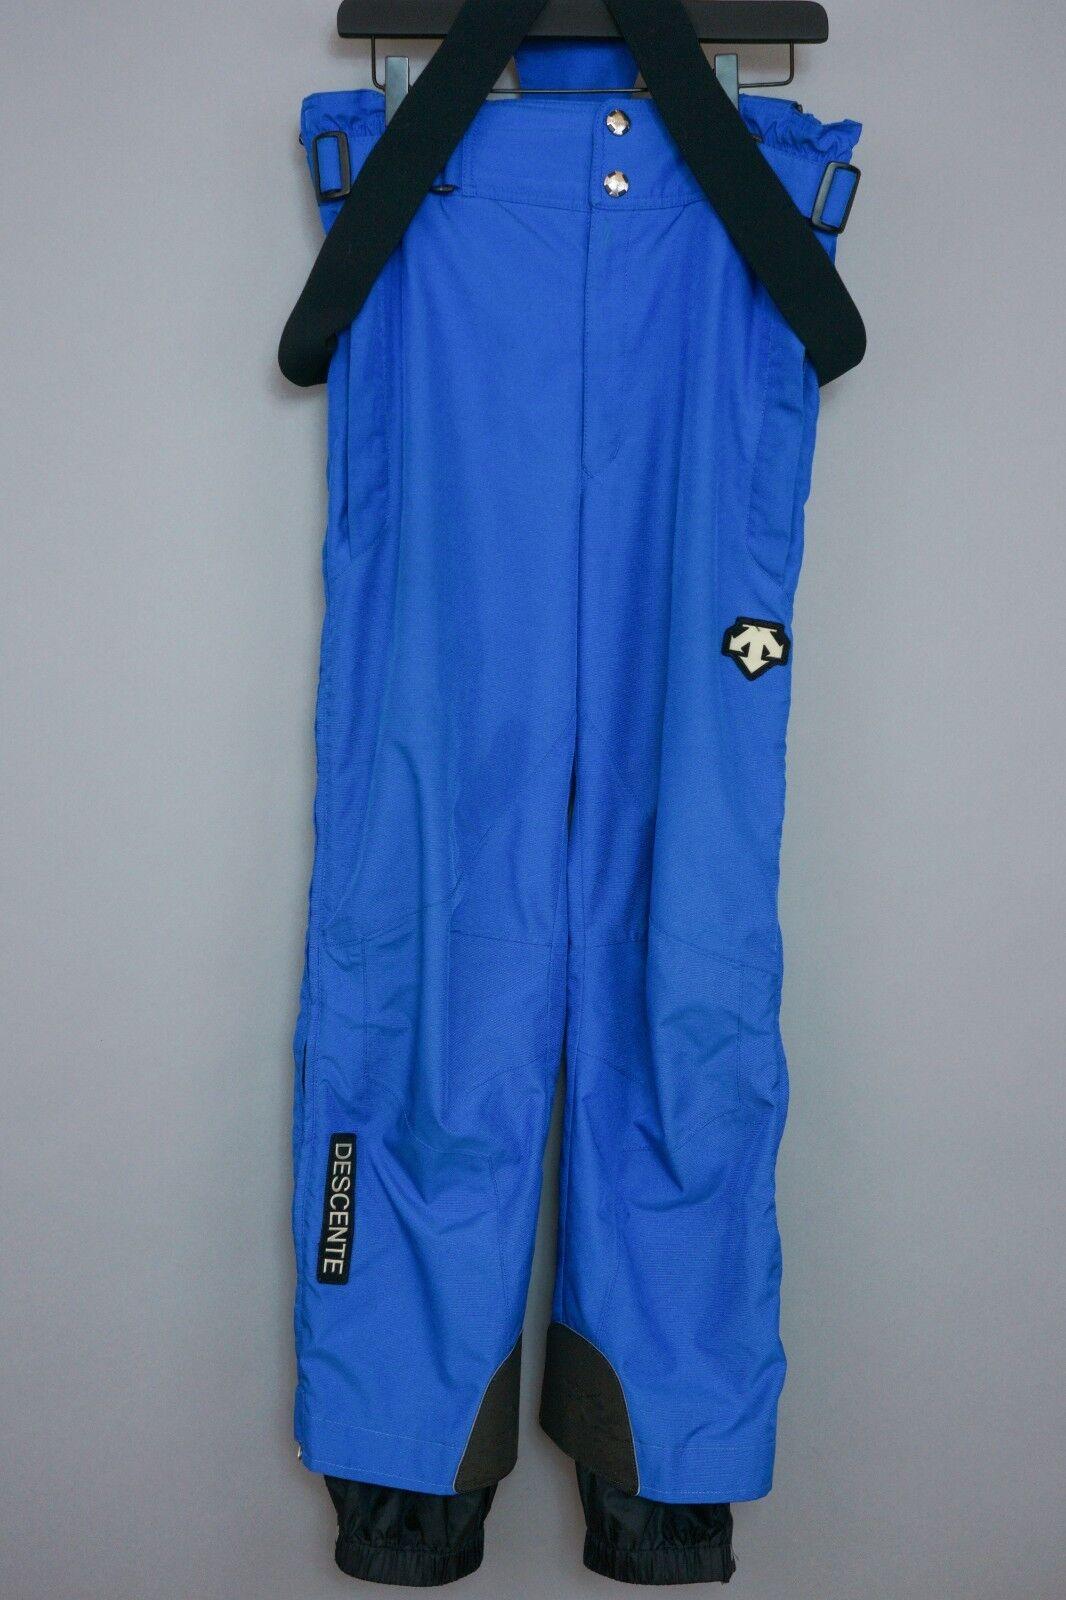 Damens Descente Salopettes Snowboarding SkiingWaterproof XL W38 L28 L28 W38 XIJ238 c48923